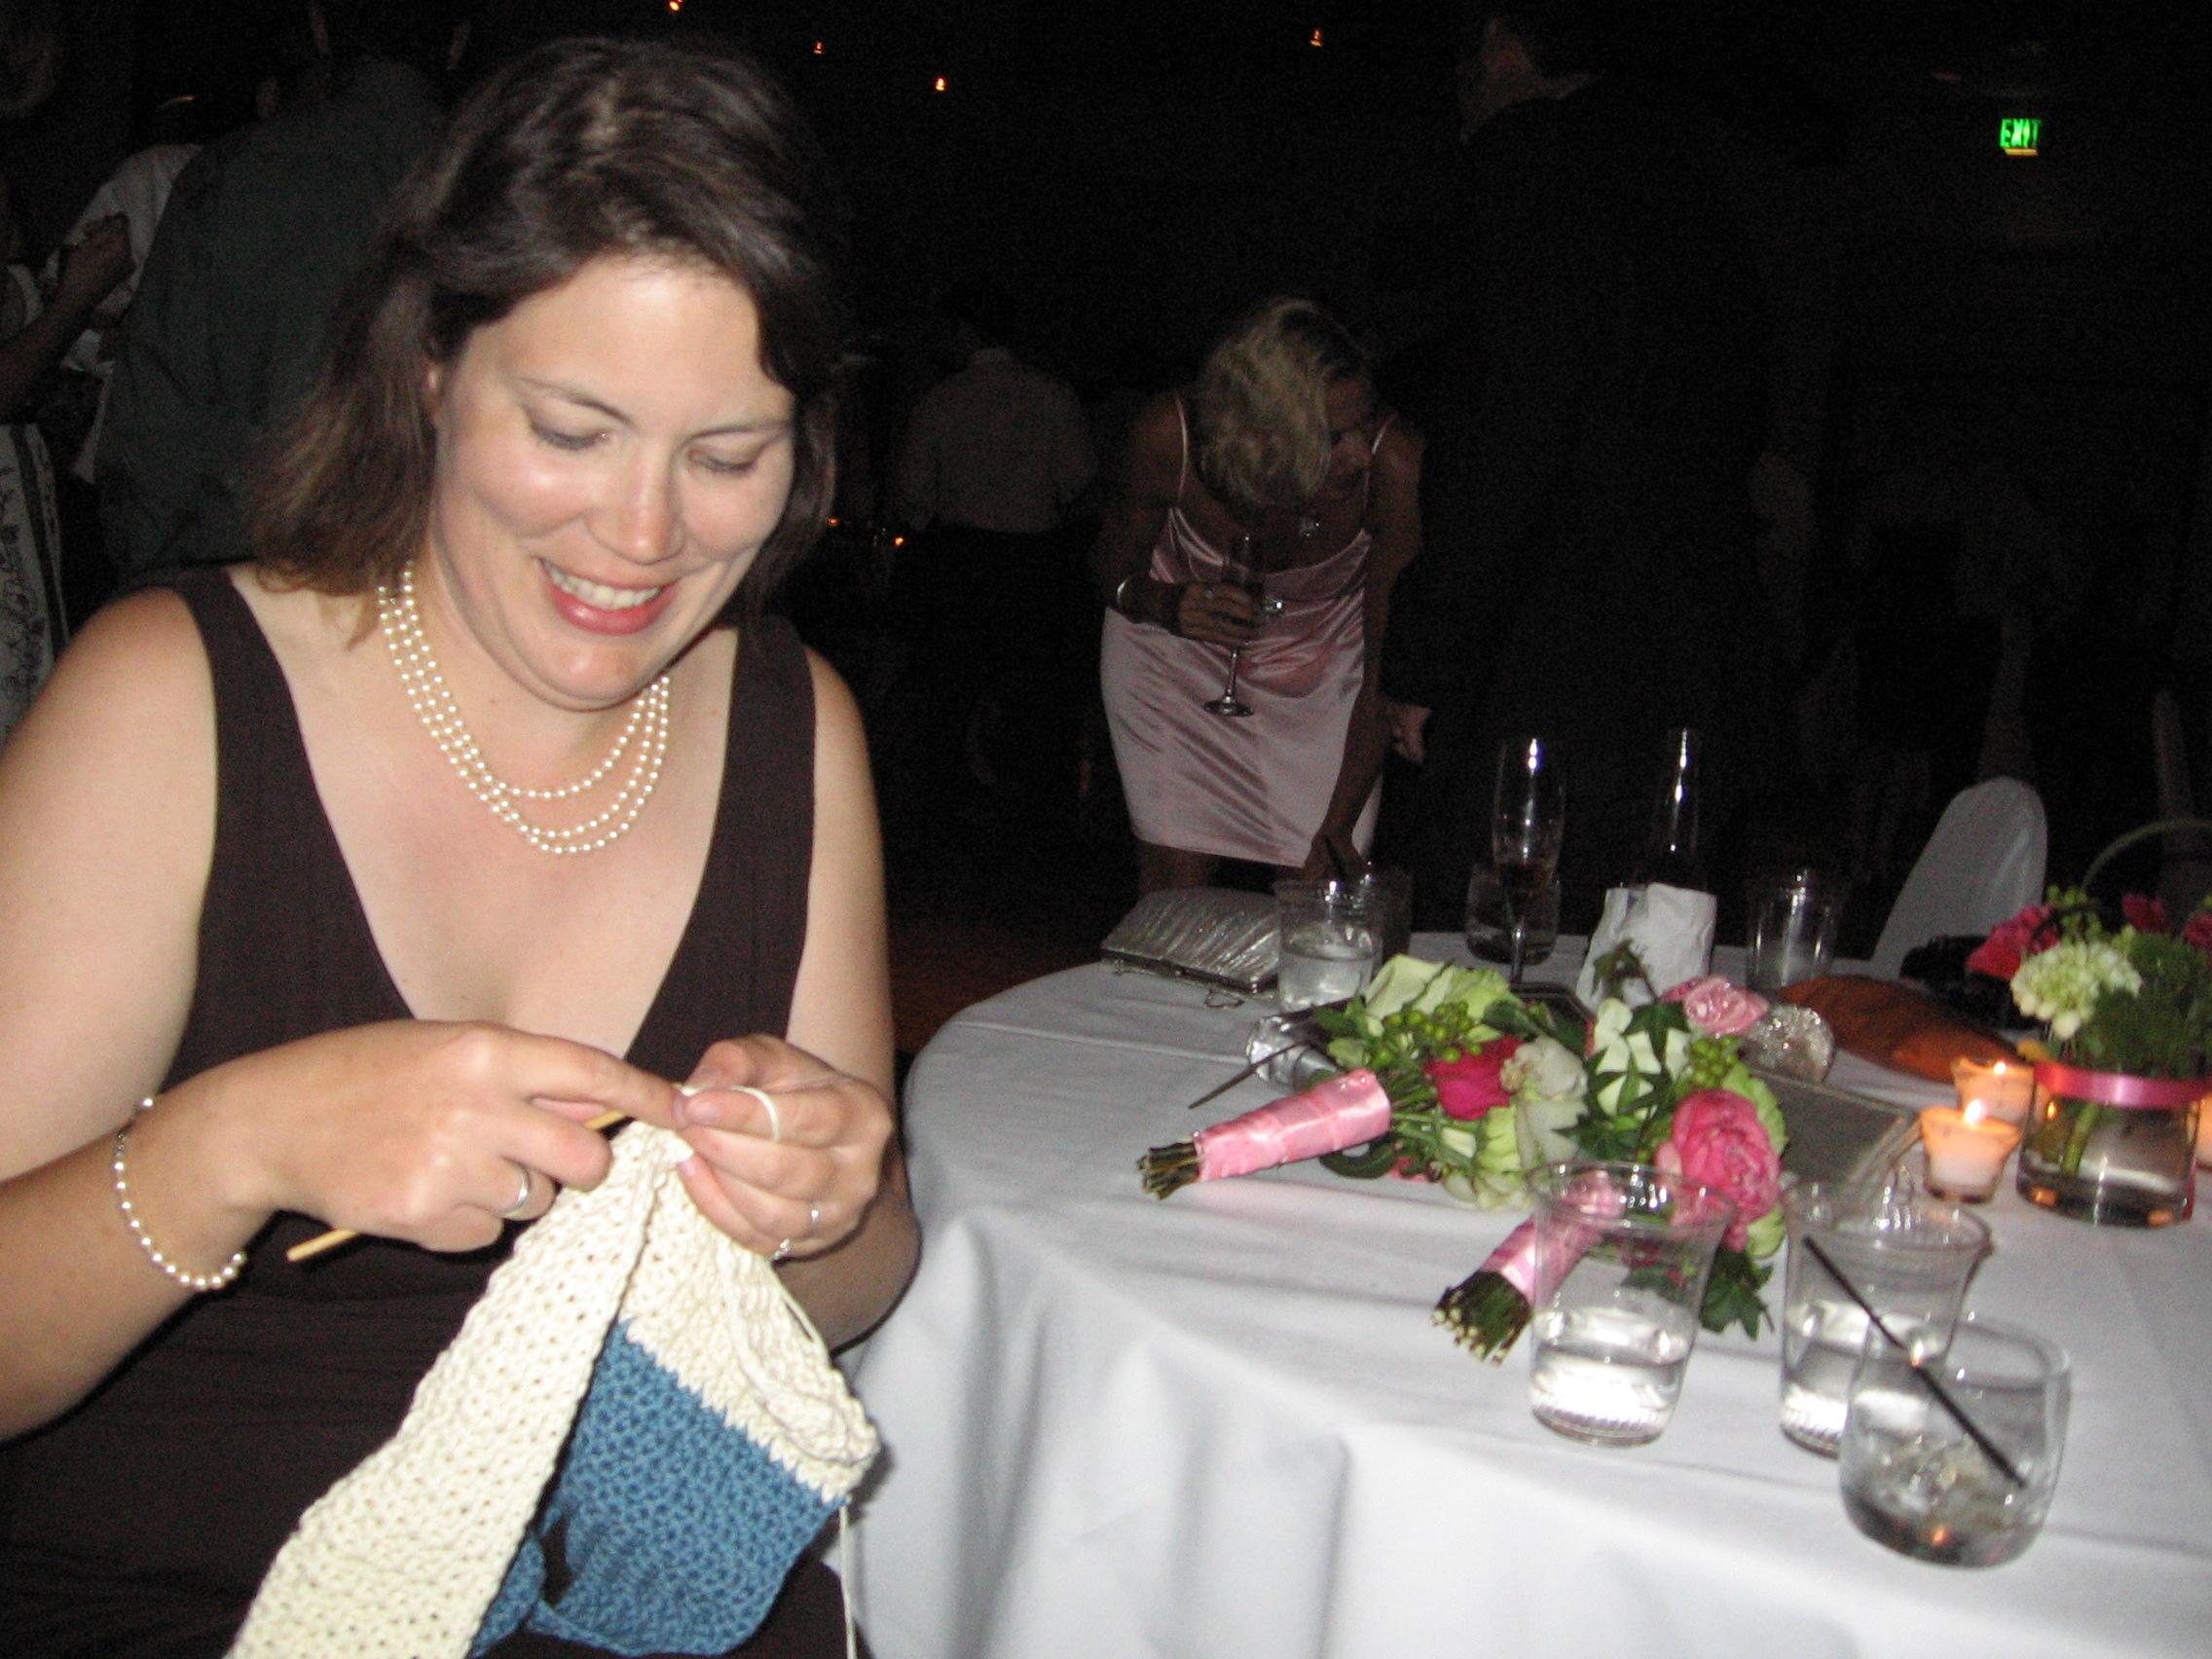 Drunken wedding crocheting is always fun!